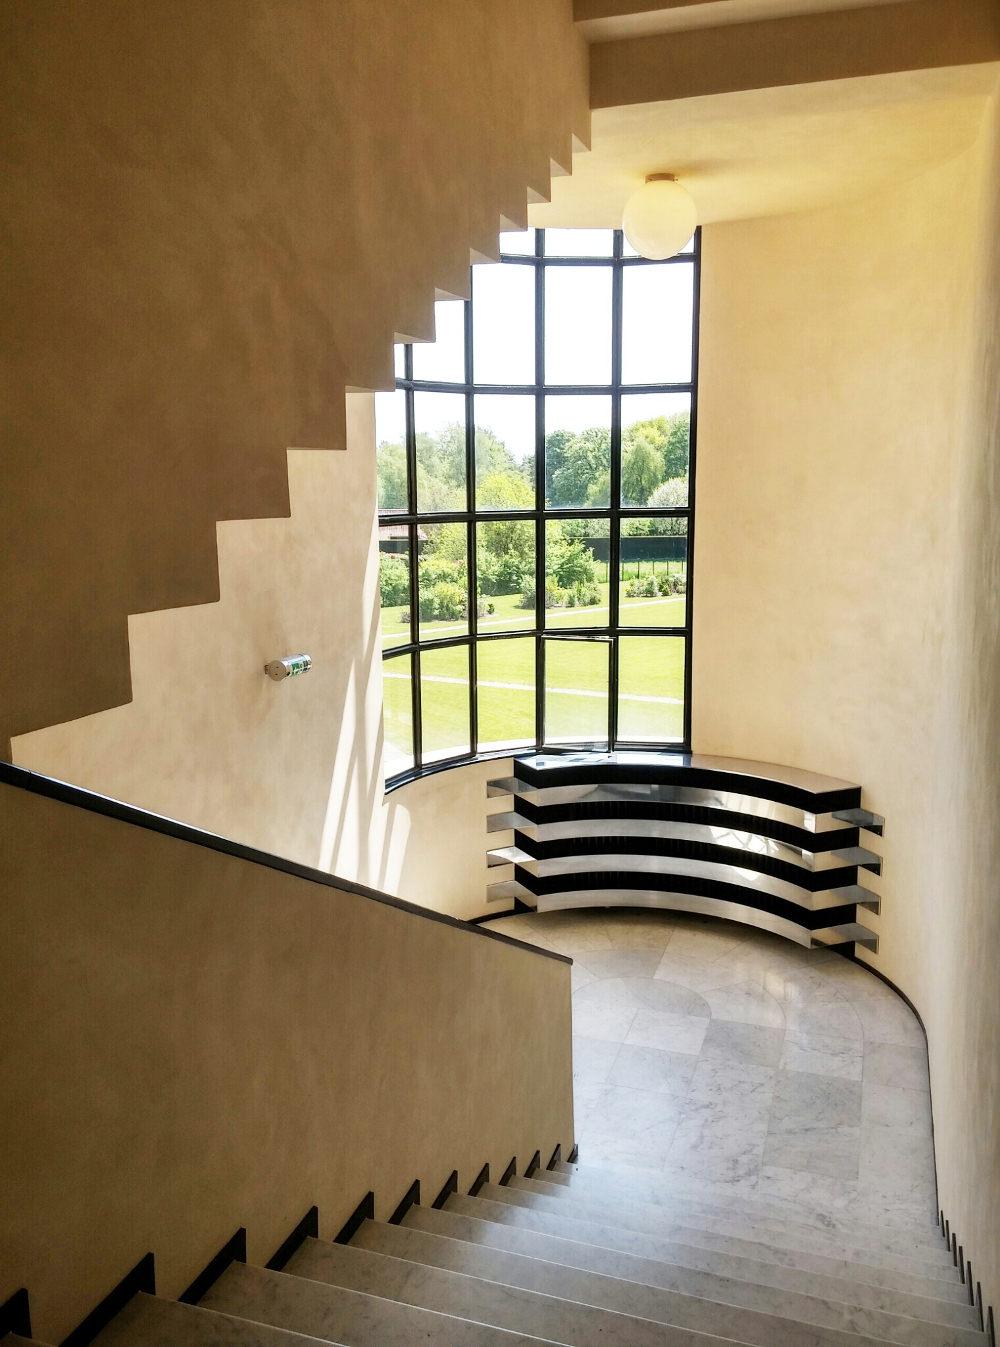 Robert mallet stevens nous propose également des éléments intérieurs qui différent de laménagement traditionnel des maisons de lépoque